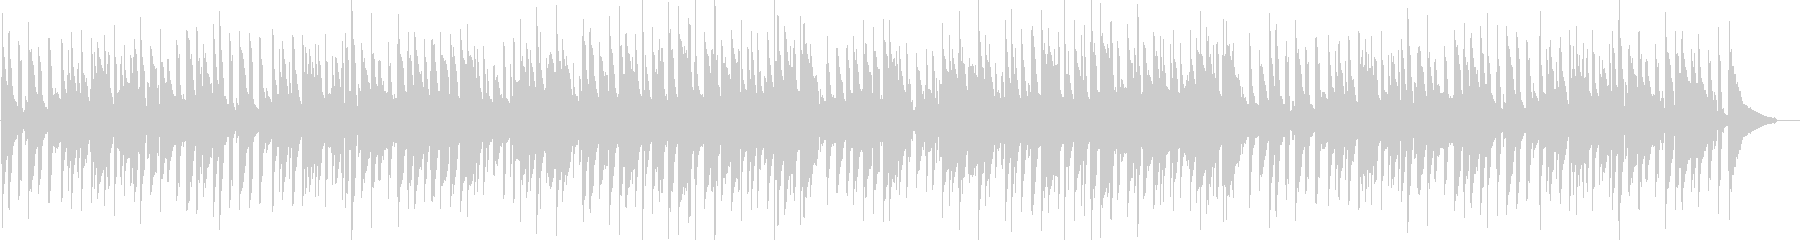 ほのぼの・リラックス・ボサノバ・ギターの未再生の波形